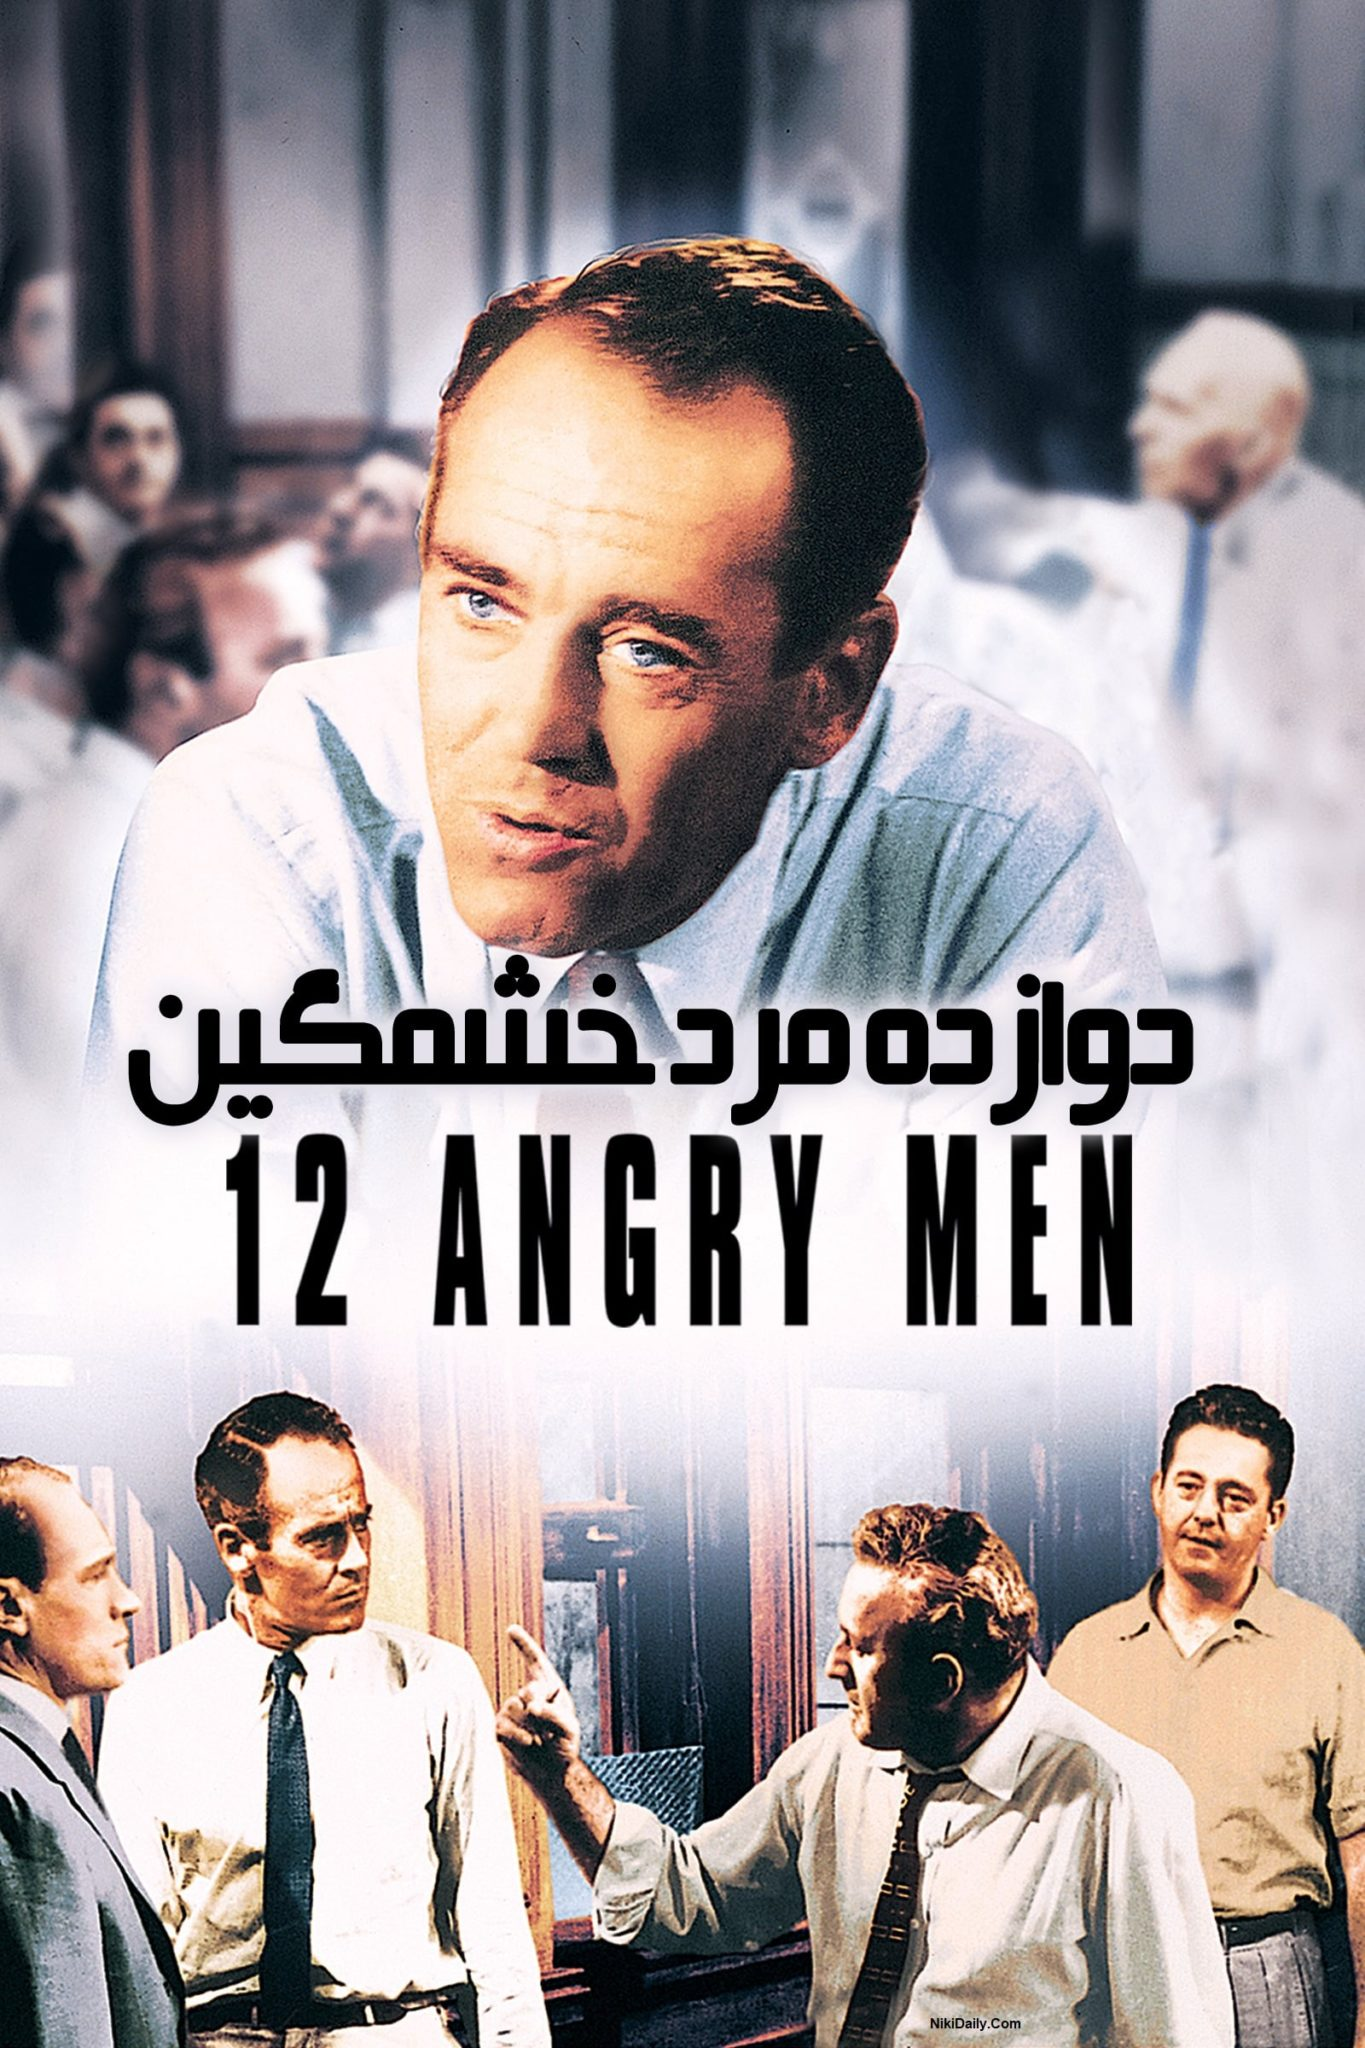 دانلود فیلم 12 Angry Men 1957 با زیرنویس فارسی